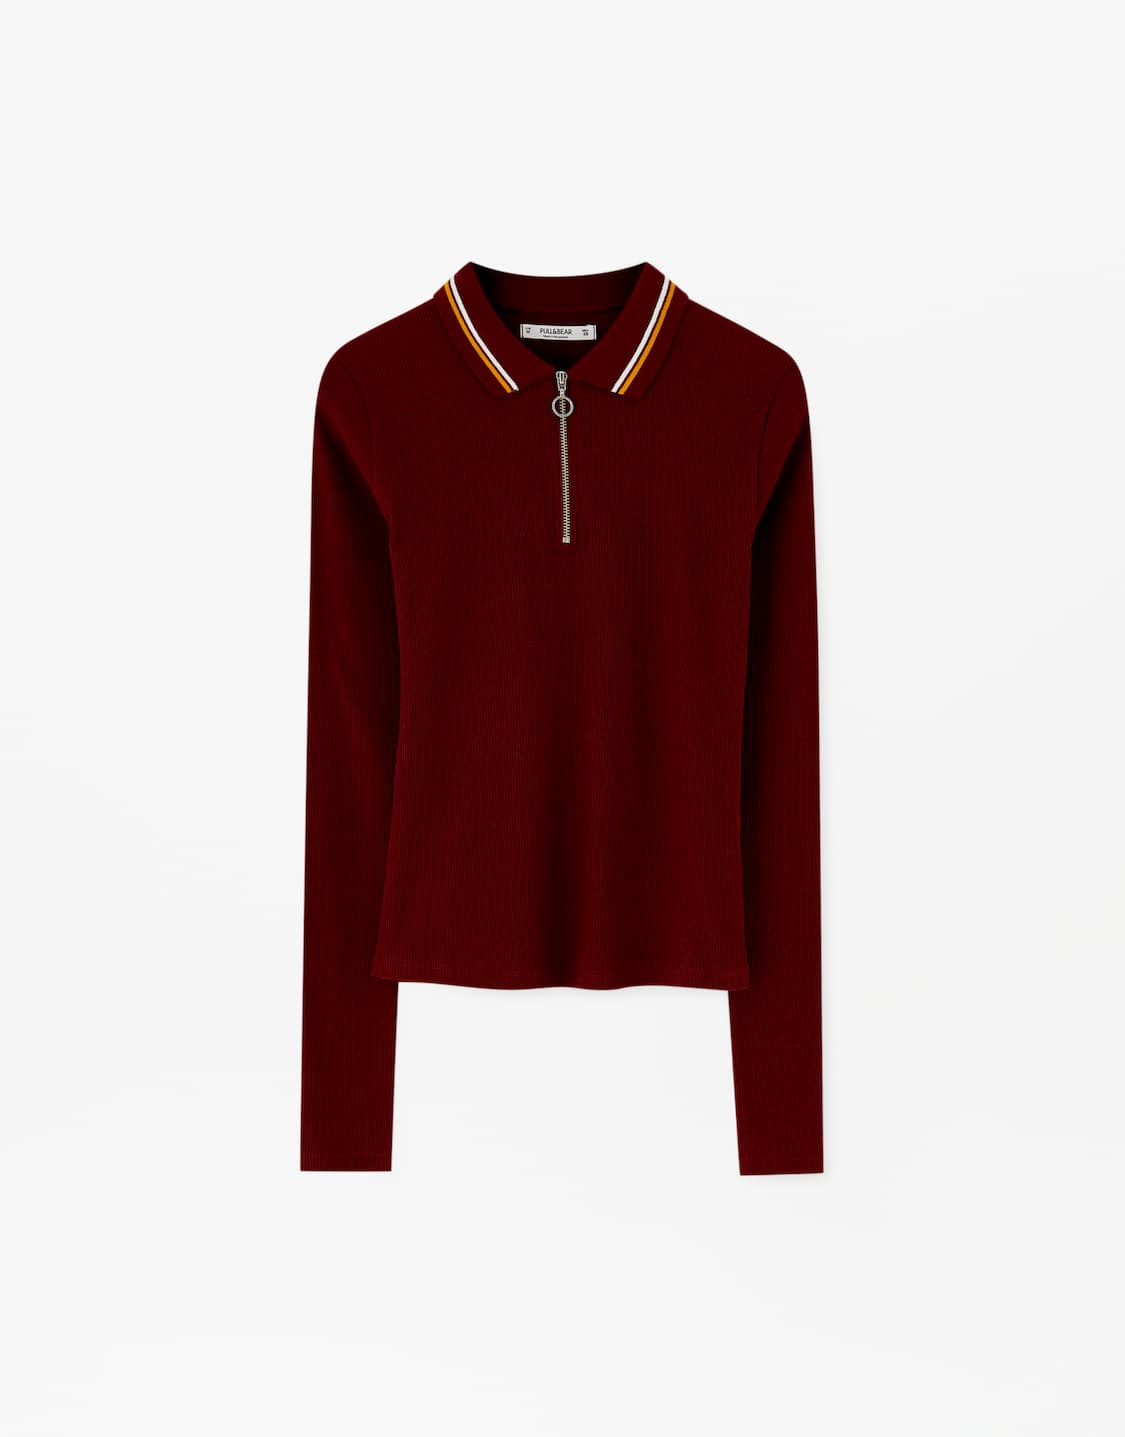 Μακρυμάνικη μπλούζα πόλο με φερμουάρ - PULL BEAR f8f3e033e88